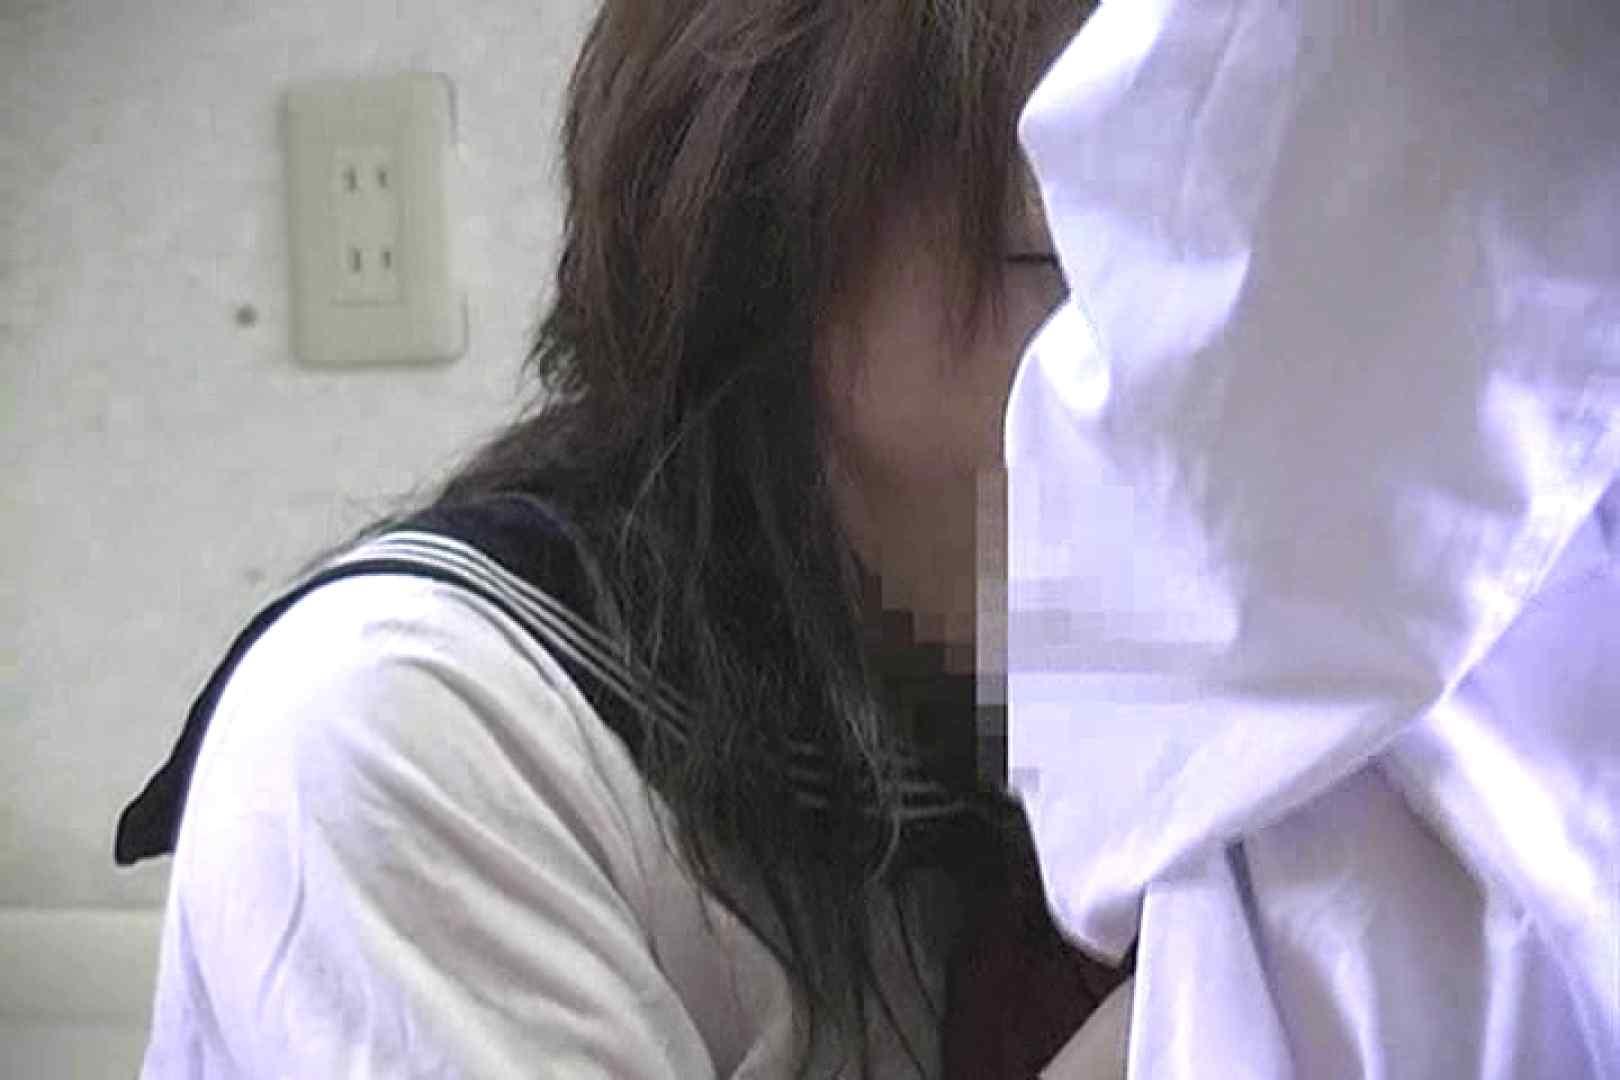 放課後居残り内科検診Vol.6 学校 アダルト動画キャプチャ 38連発 11